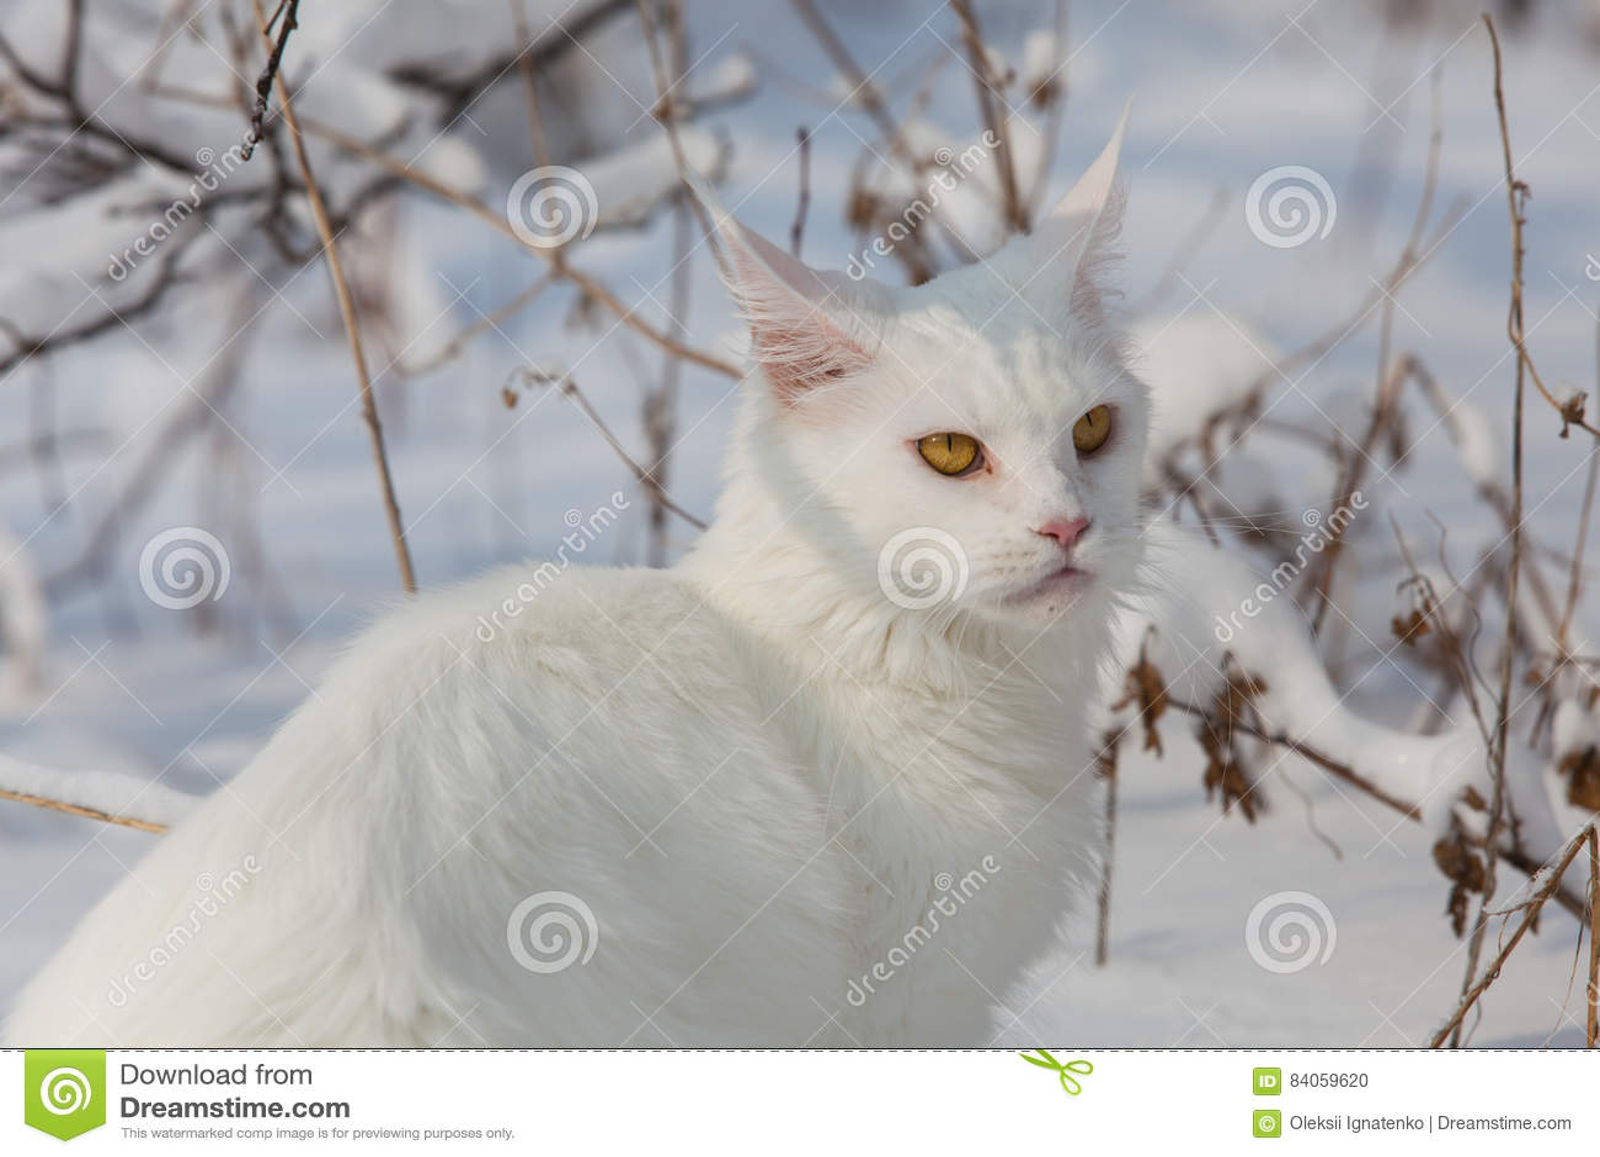 Maine Coon Biały Kot W Dzikim śniegu Zdjęcie Stock Obraz Złożonej